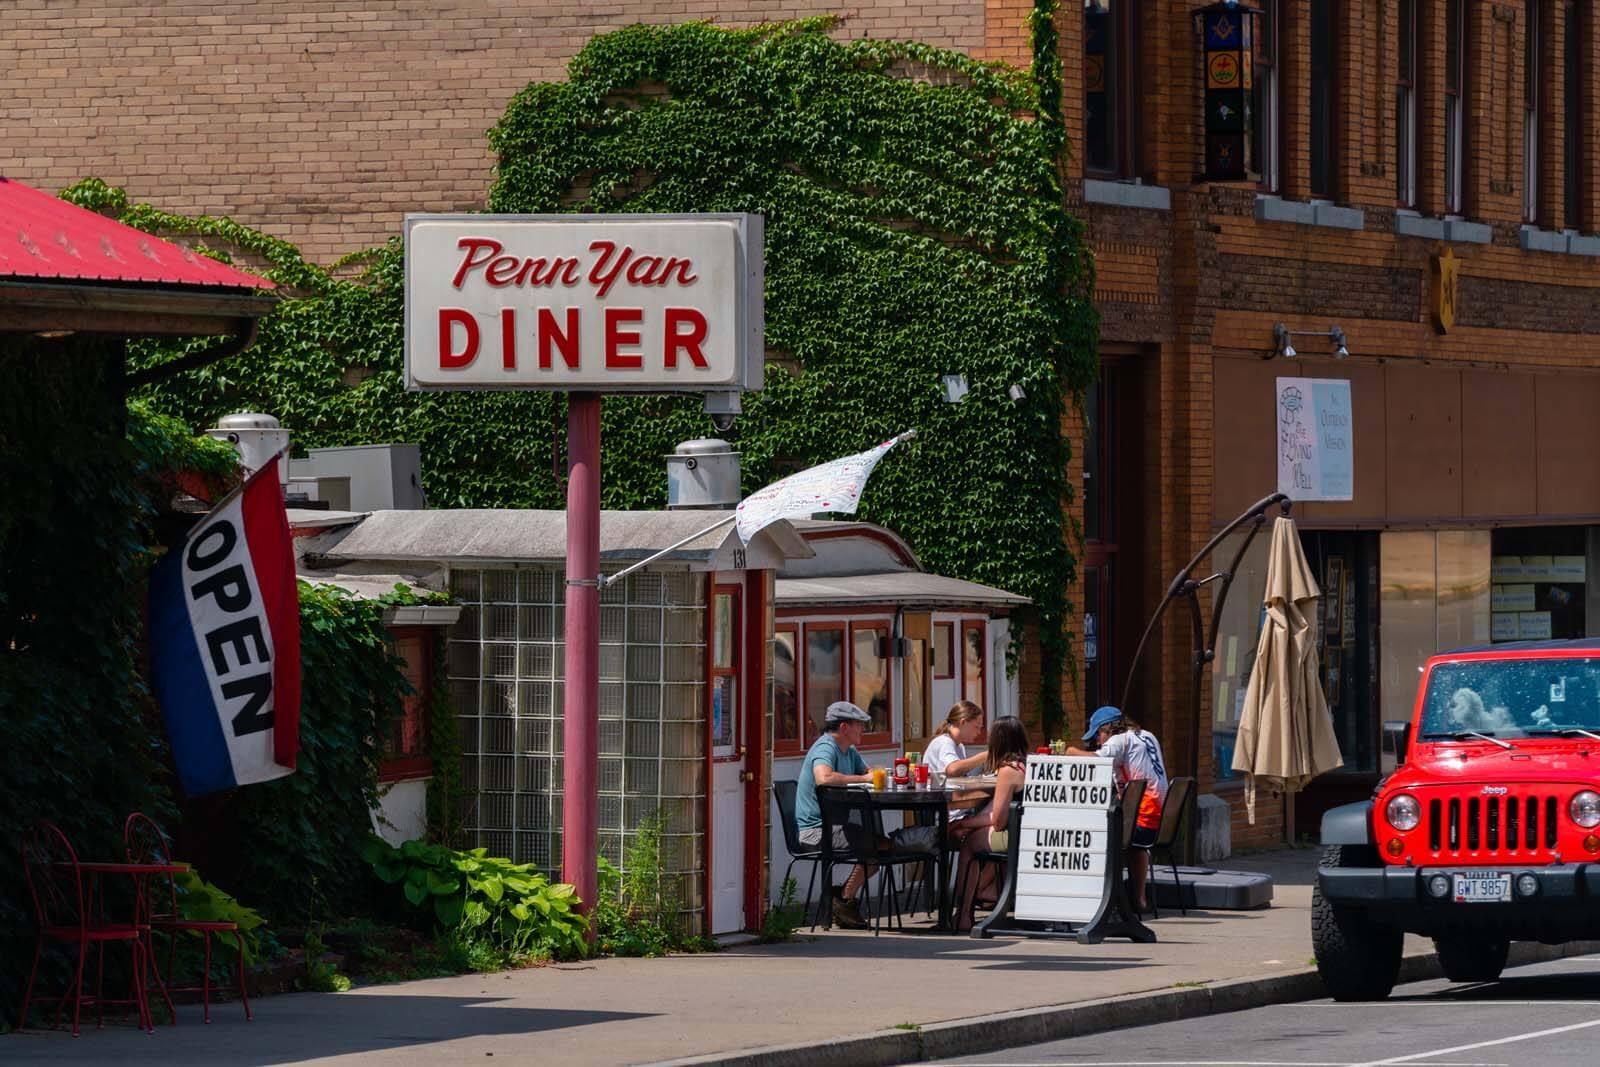 Penn Yan Diner in Penn Yan New York